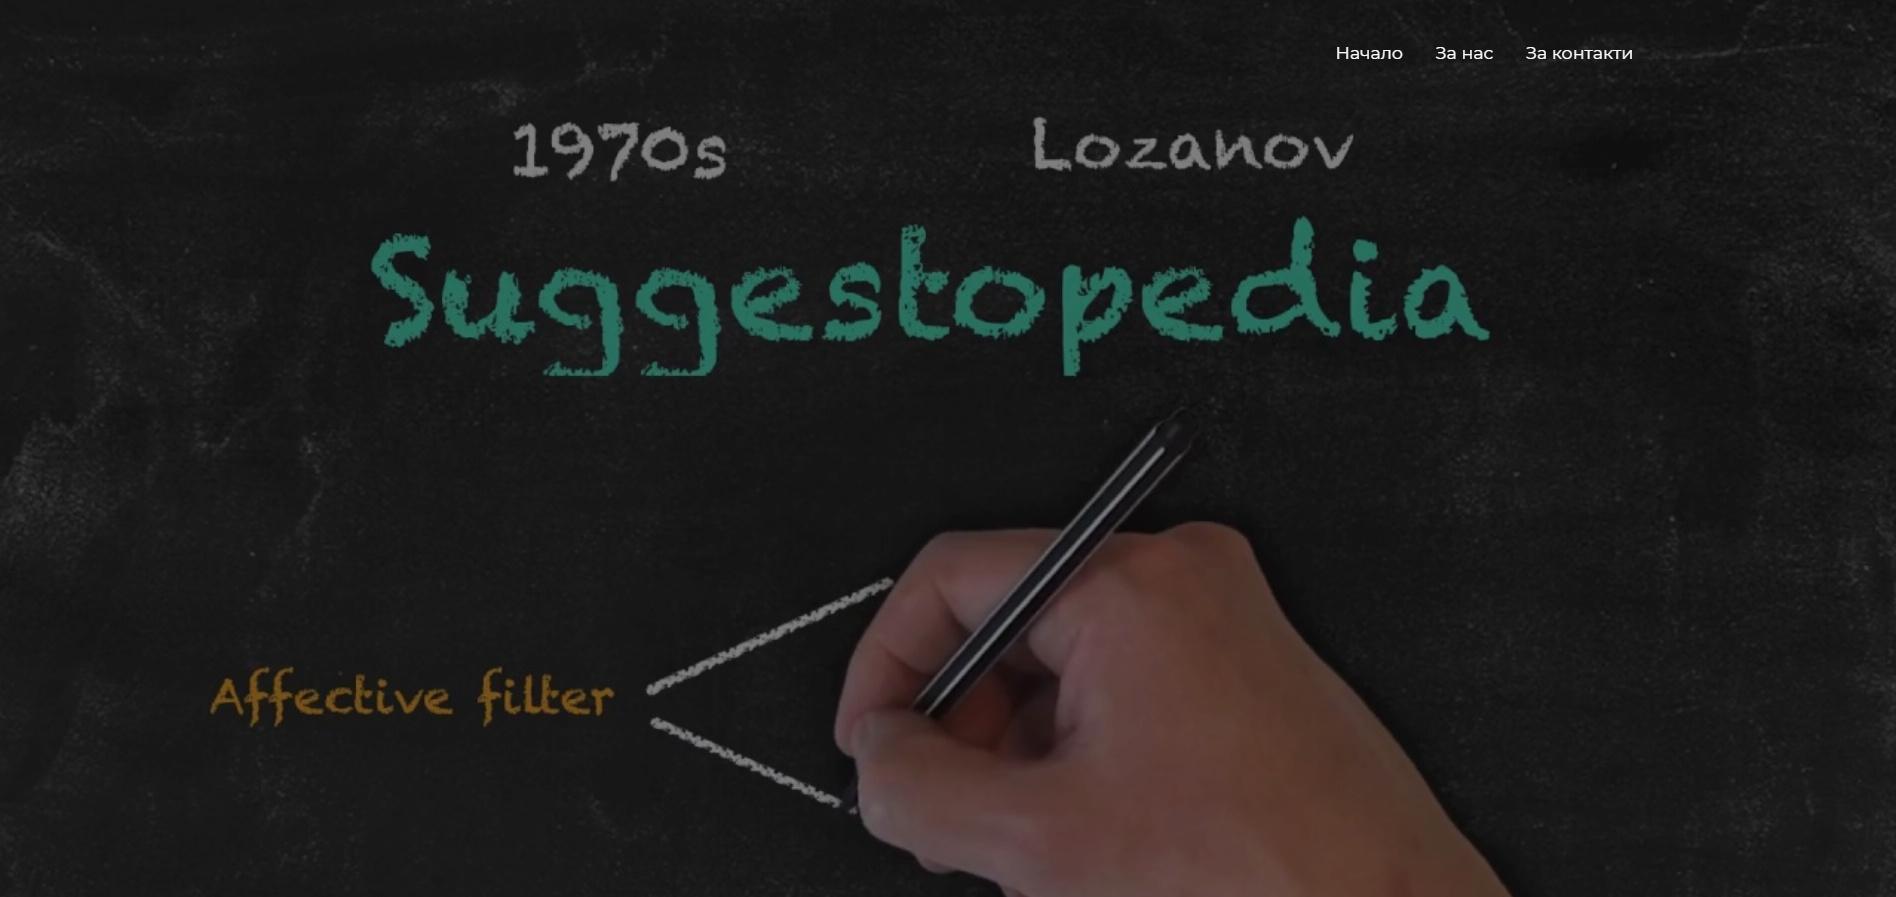 Сугестопедия в Русе